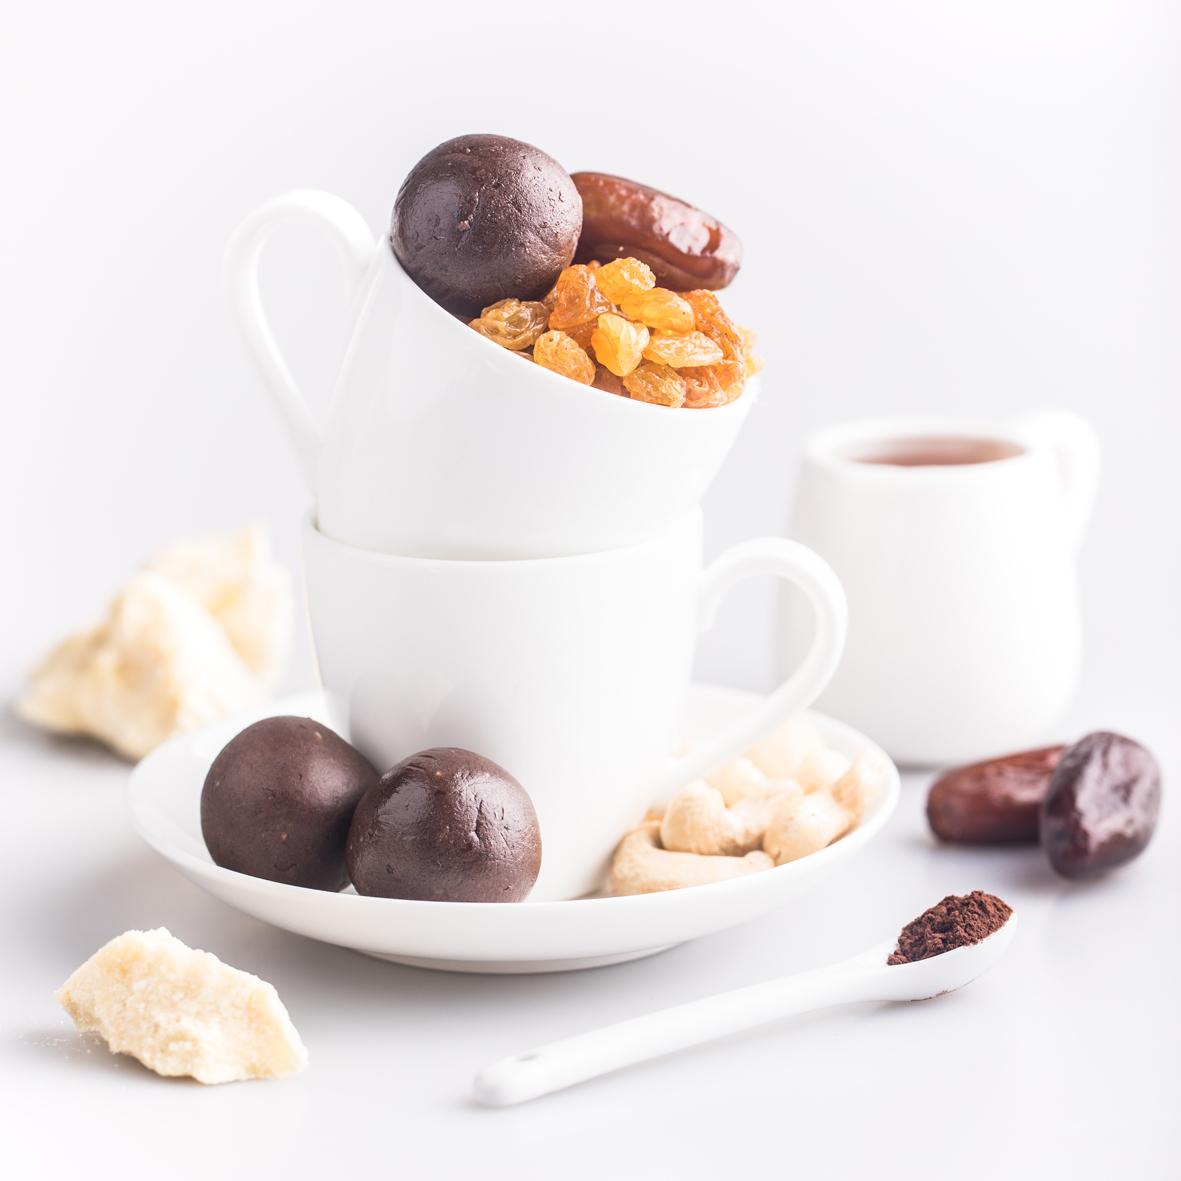 Набор полезных конфет Protein Ball. Шоколад (12 упаковок по 2 конфеты)